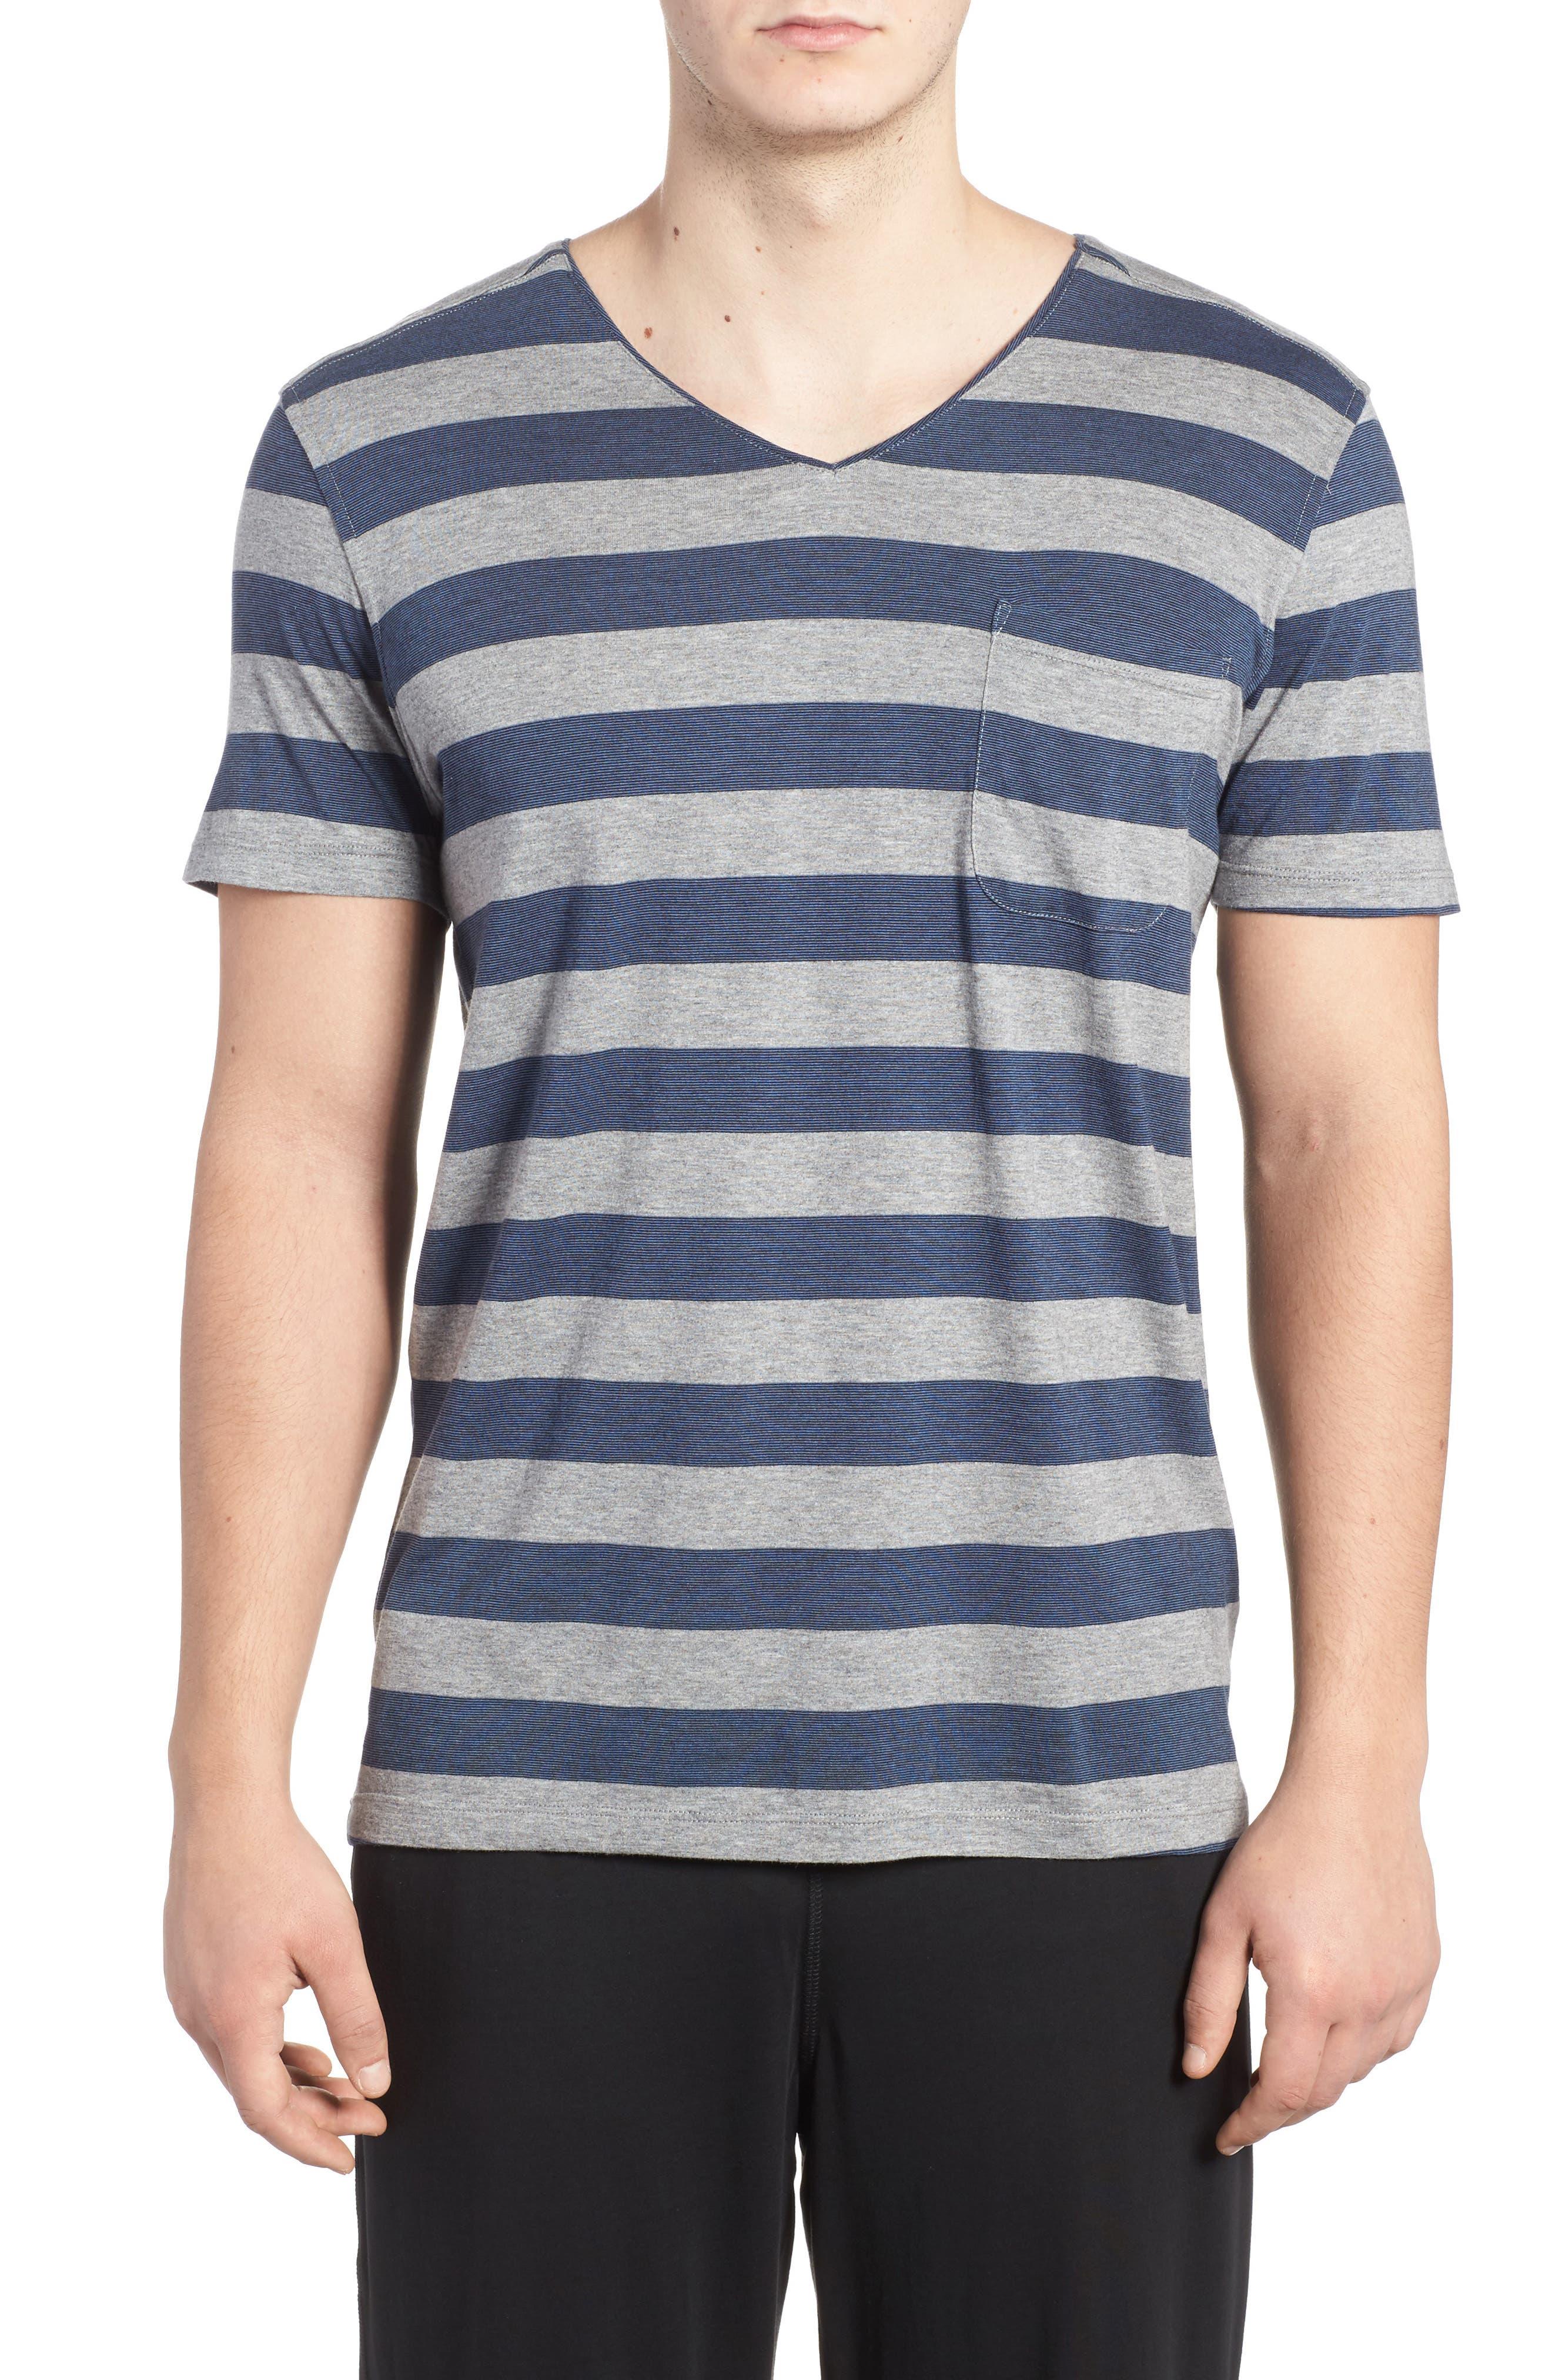 Alternate Image 1 Selected - Daniel Buchler Stripe Pima Cotton & Modal V-Neck T-Shirt